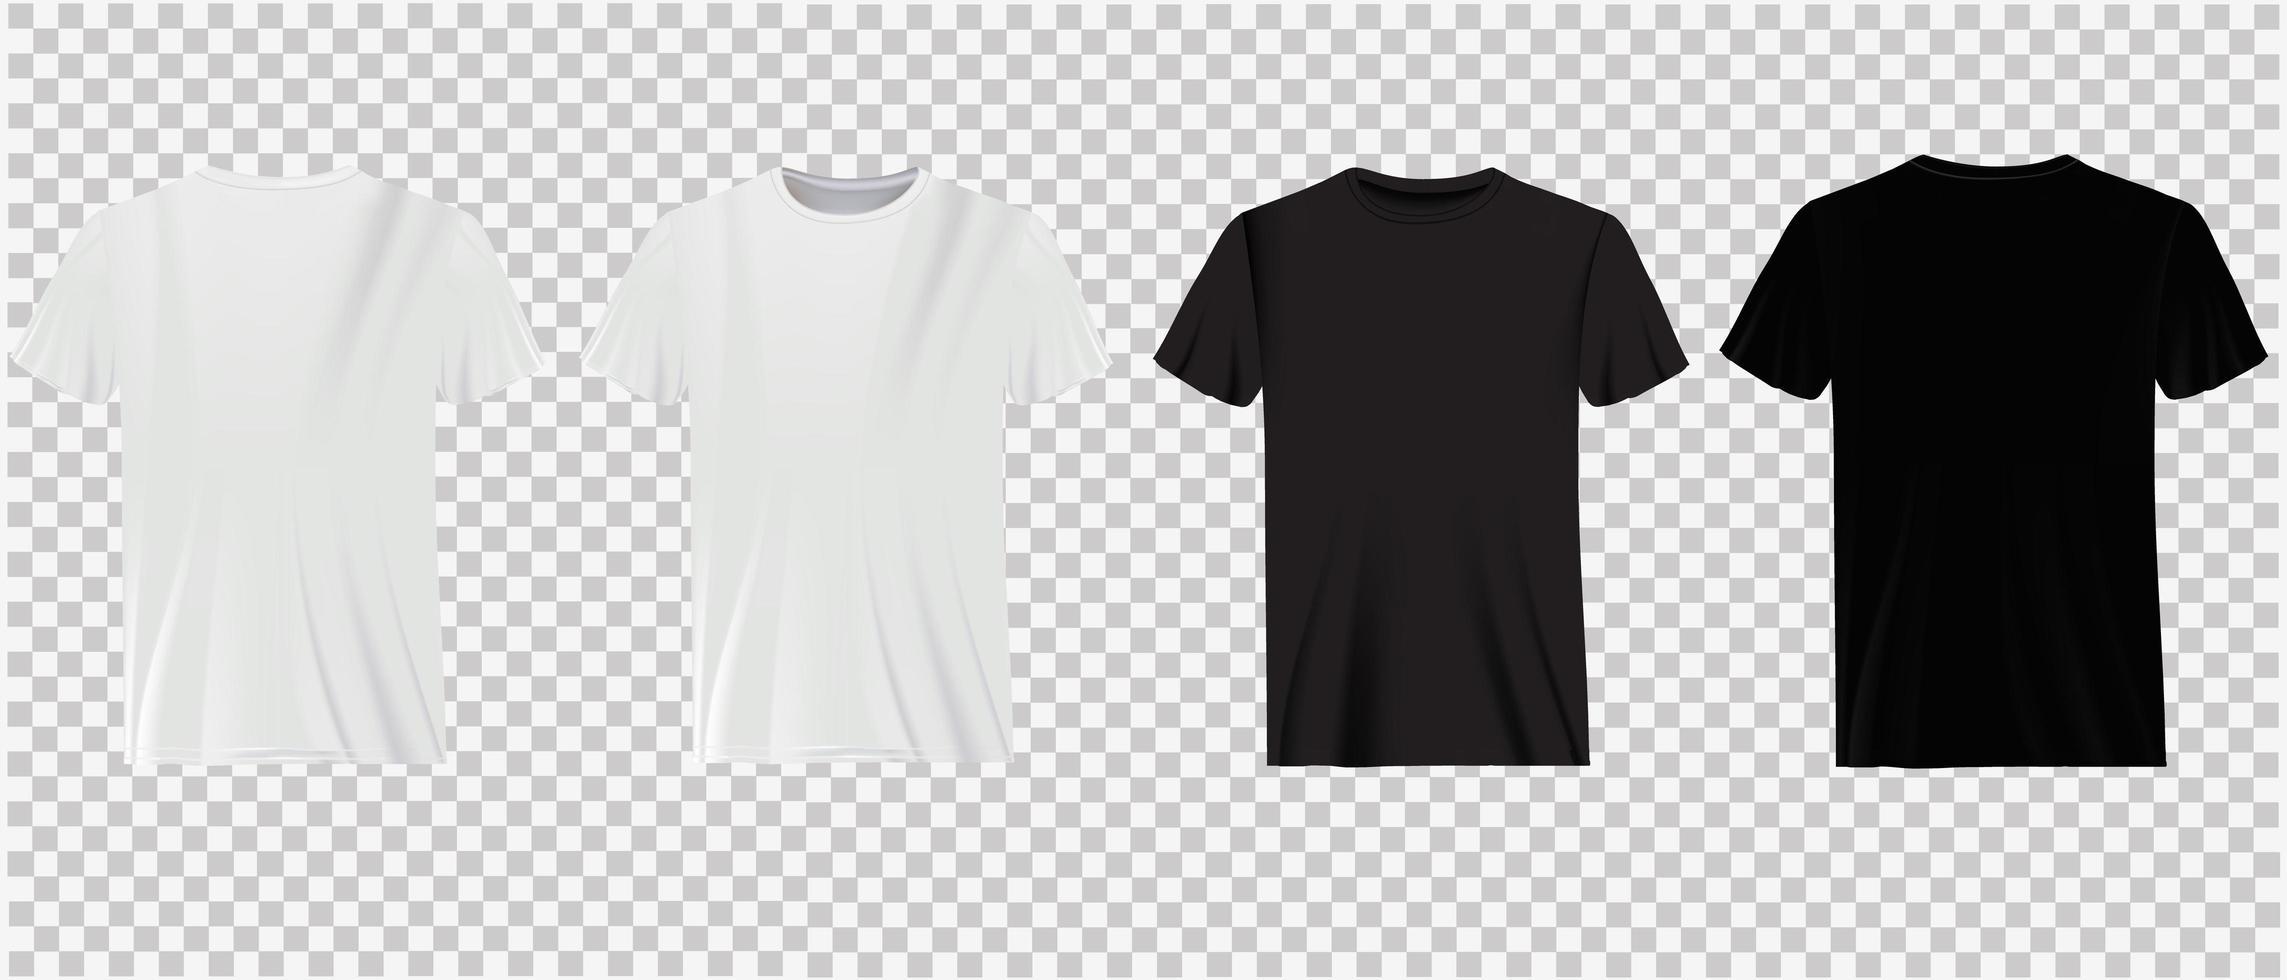 asse minimo Burma  magliette bianche e nere sulla trasparenza - Scarica Immagini Vettoriali  Gratis, Grafica Vettoriale, e Disegno Modelli